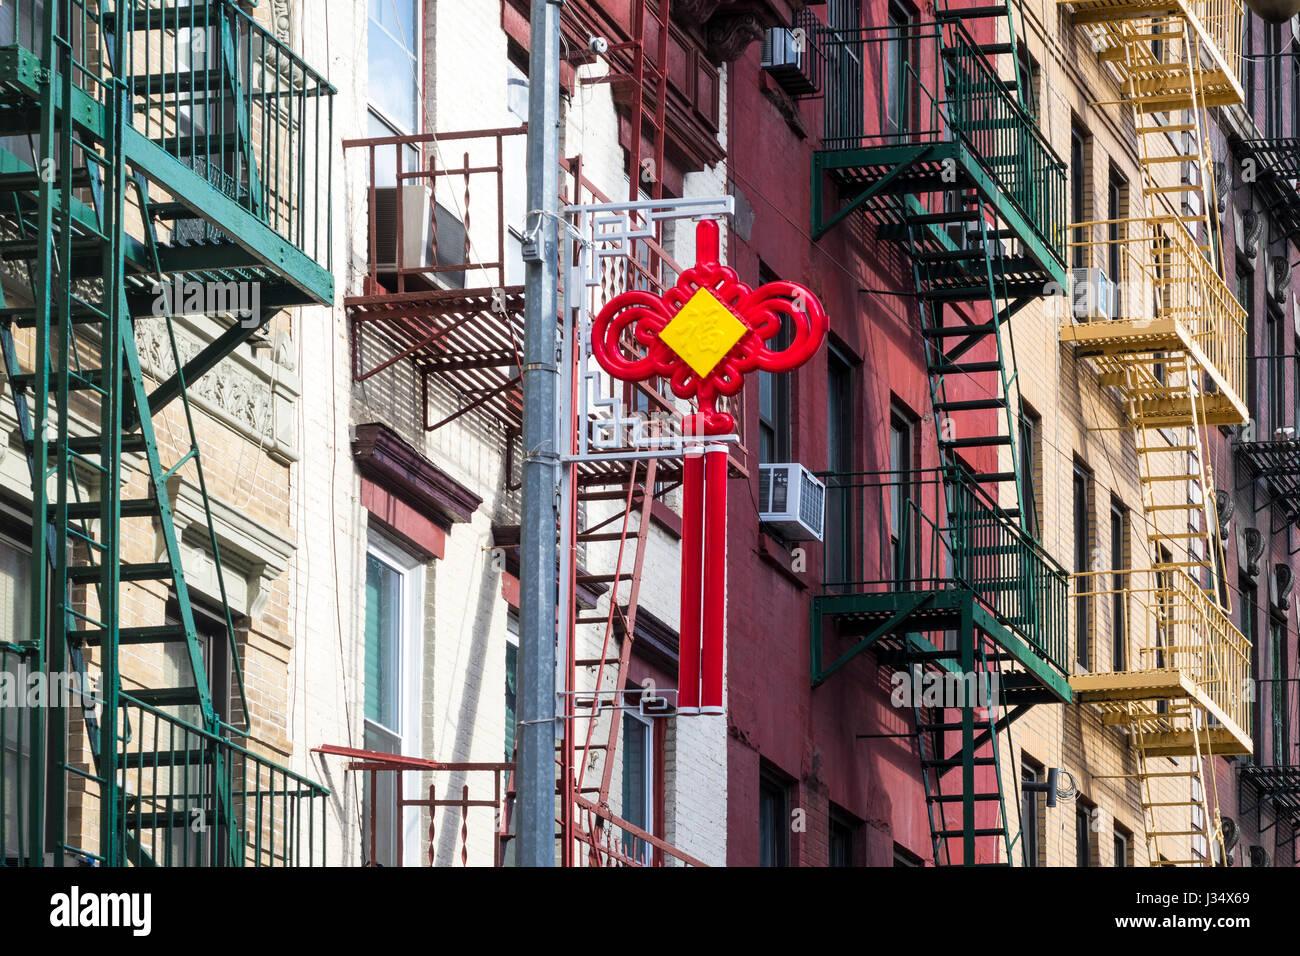 Rojo y amarillo buena suerte icono en Chinatown, Nueva York. Los lados redondeados decir buena fortuna para compartir Imagen De Stock